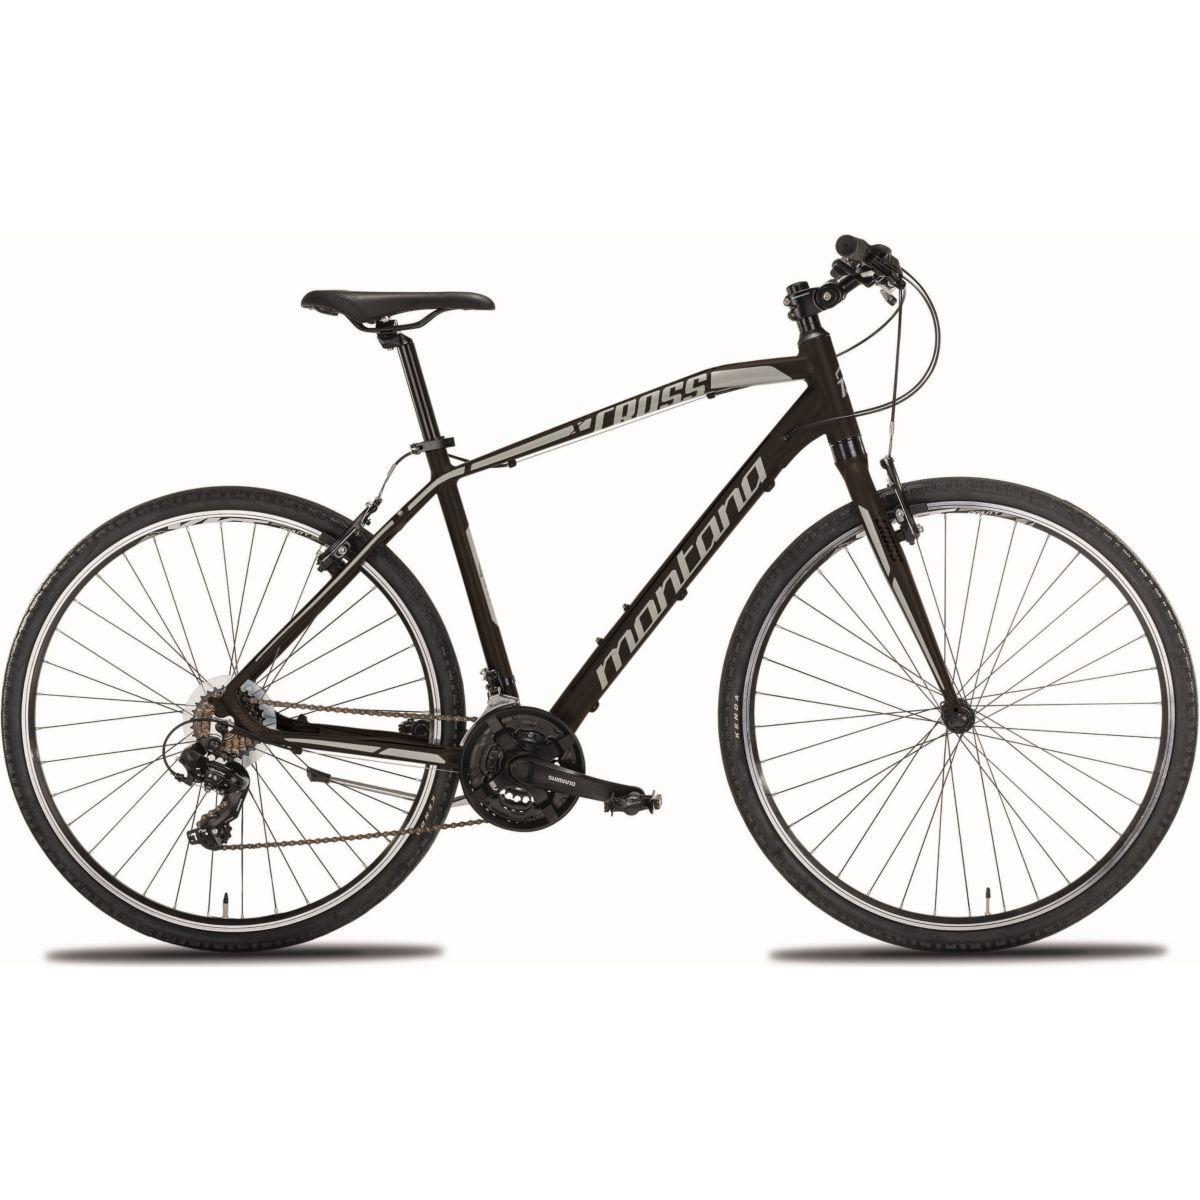 28 Zoll Montana X-Cross Herren Mountainbike Aluminium 21 Gang schwarz, 54cm jetztbilligerkaufen